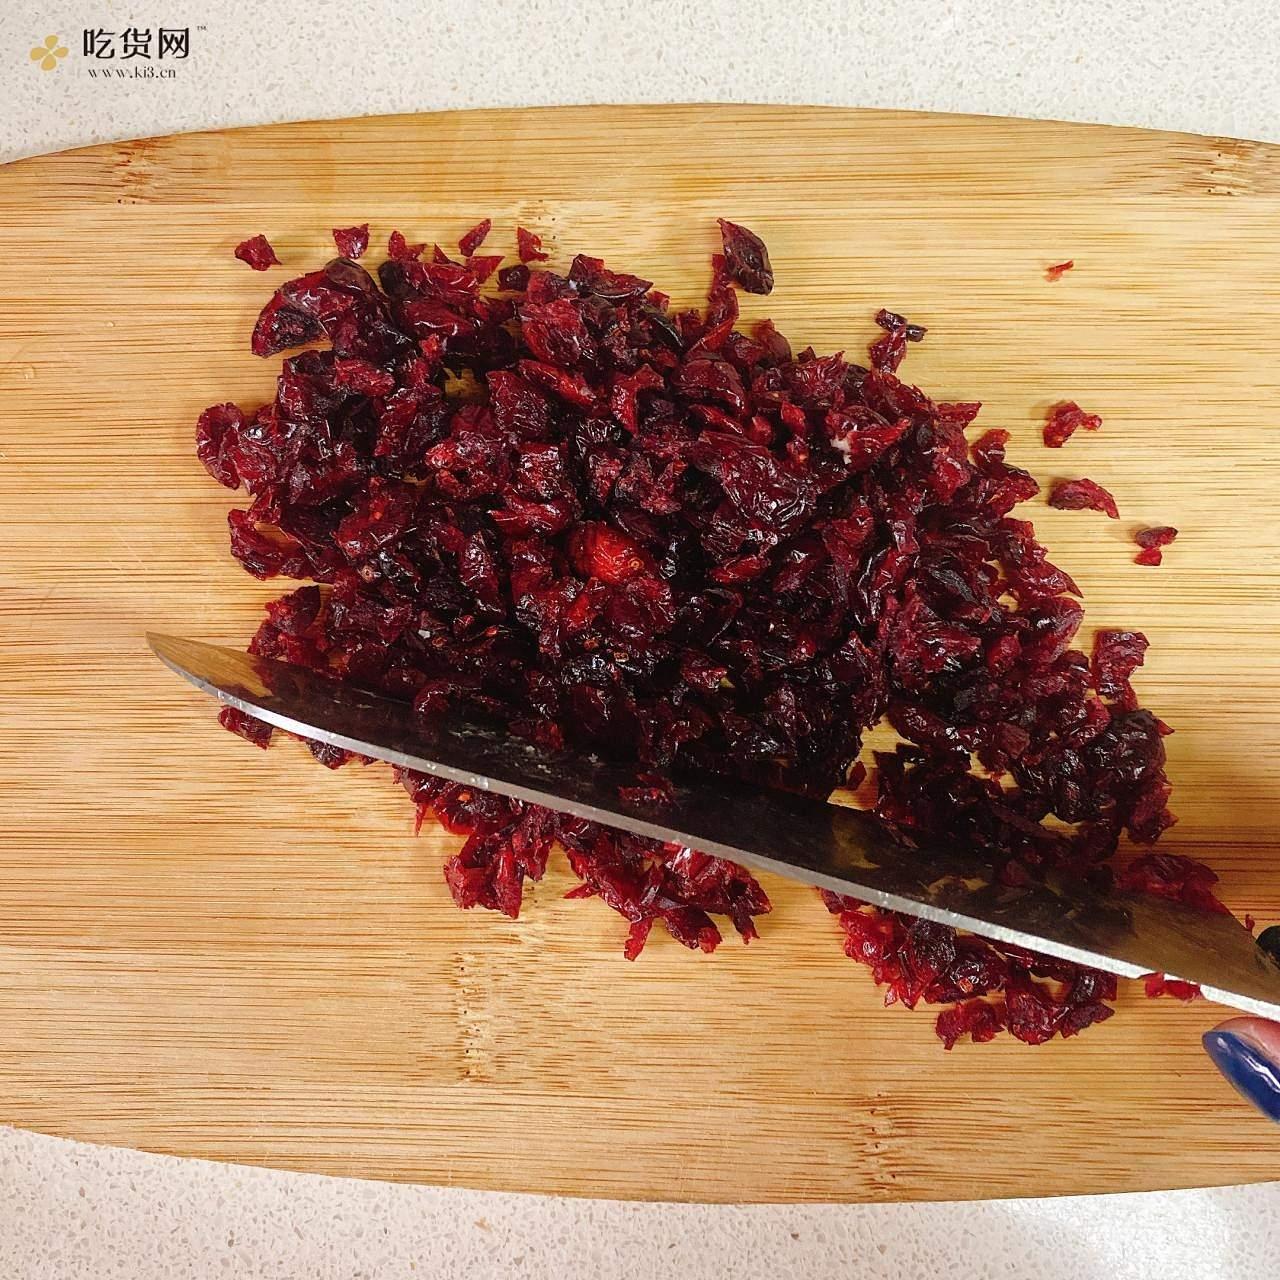 蔓越莓山药糕的做法 步骤9